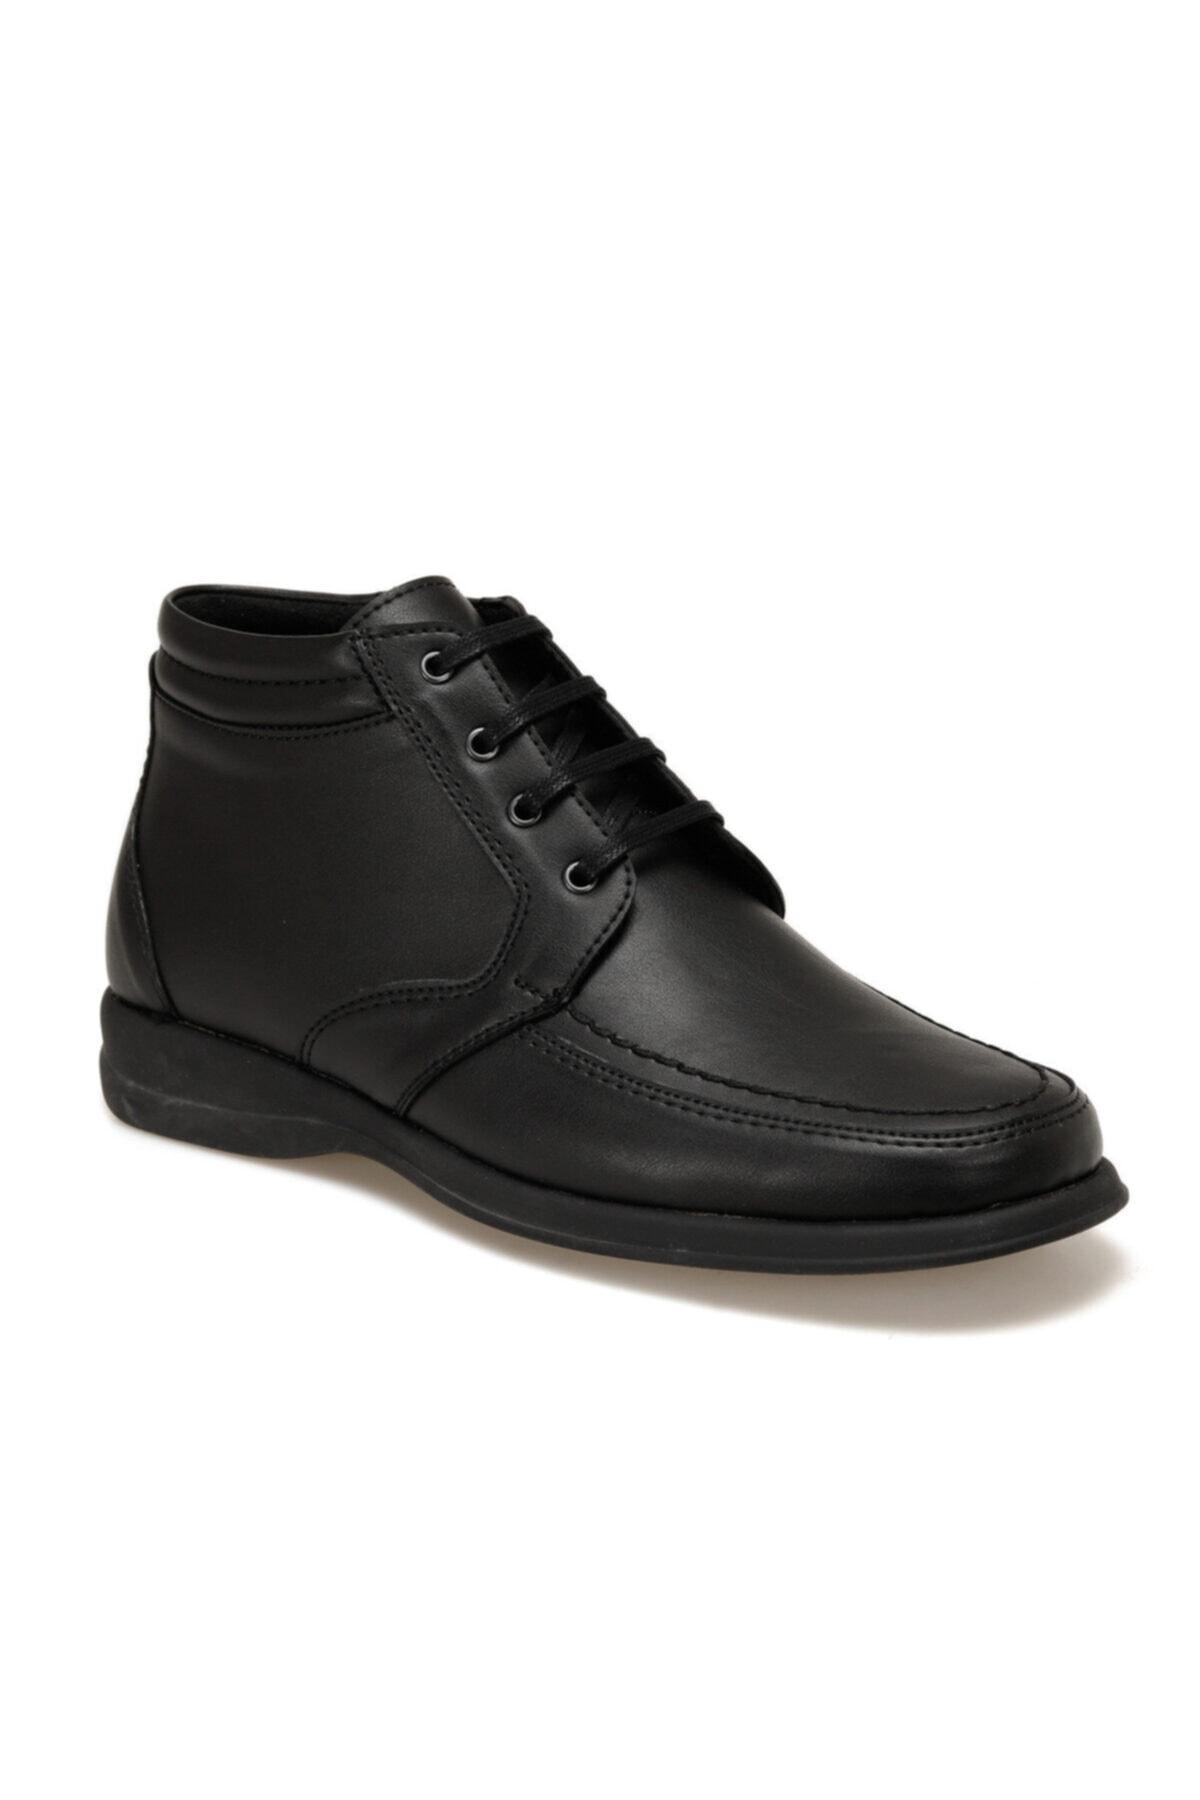 Flexall AL-36 Siyah Erkek Ayakkabı 100581281 1